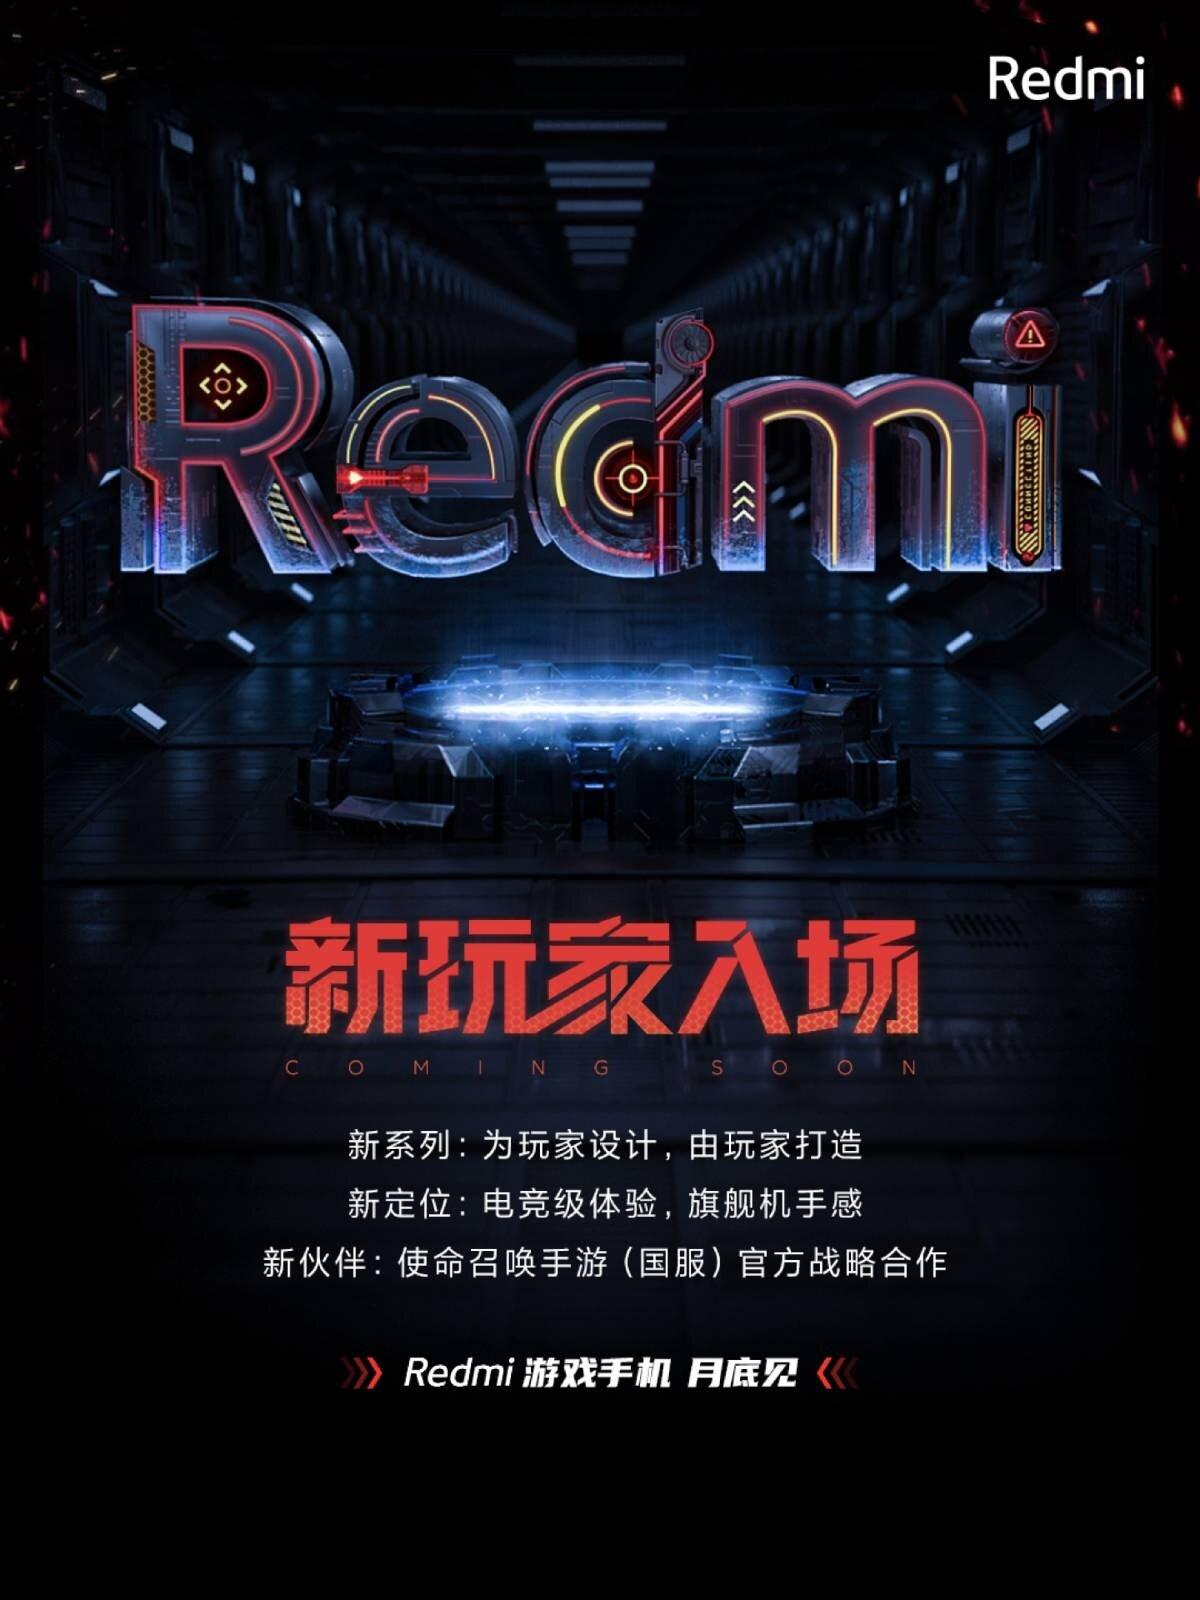 Le premier jeu Redmi verra le jour très bientôt